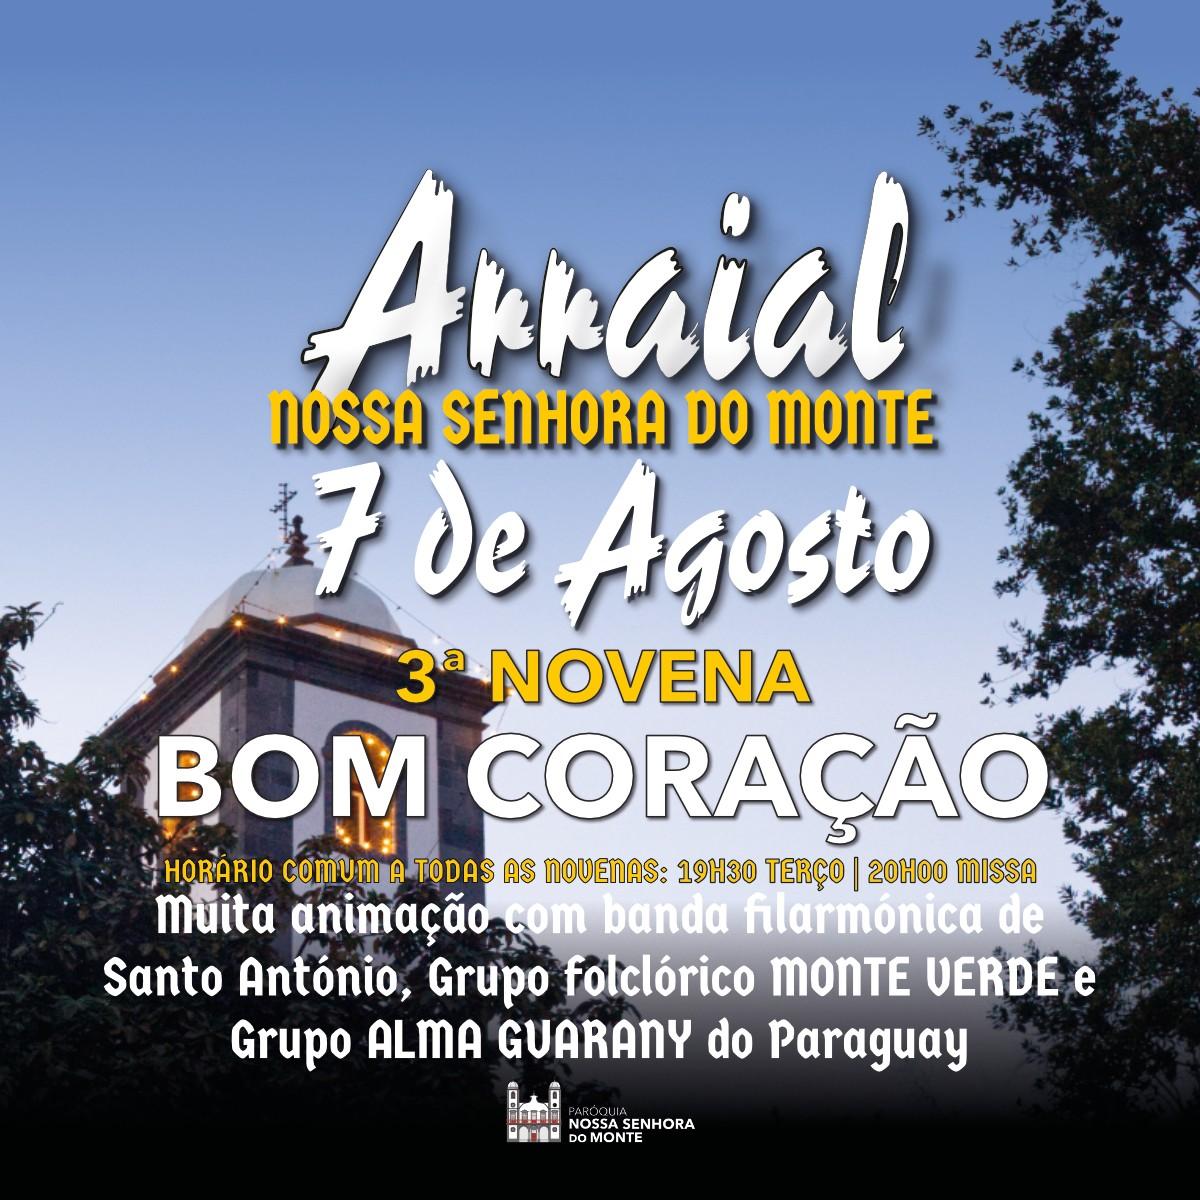 927 Novena - Arraial Nossa Senhora do Monte Monte